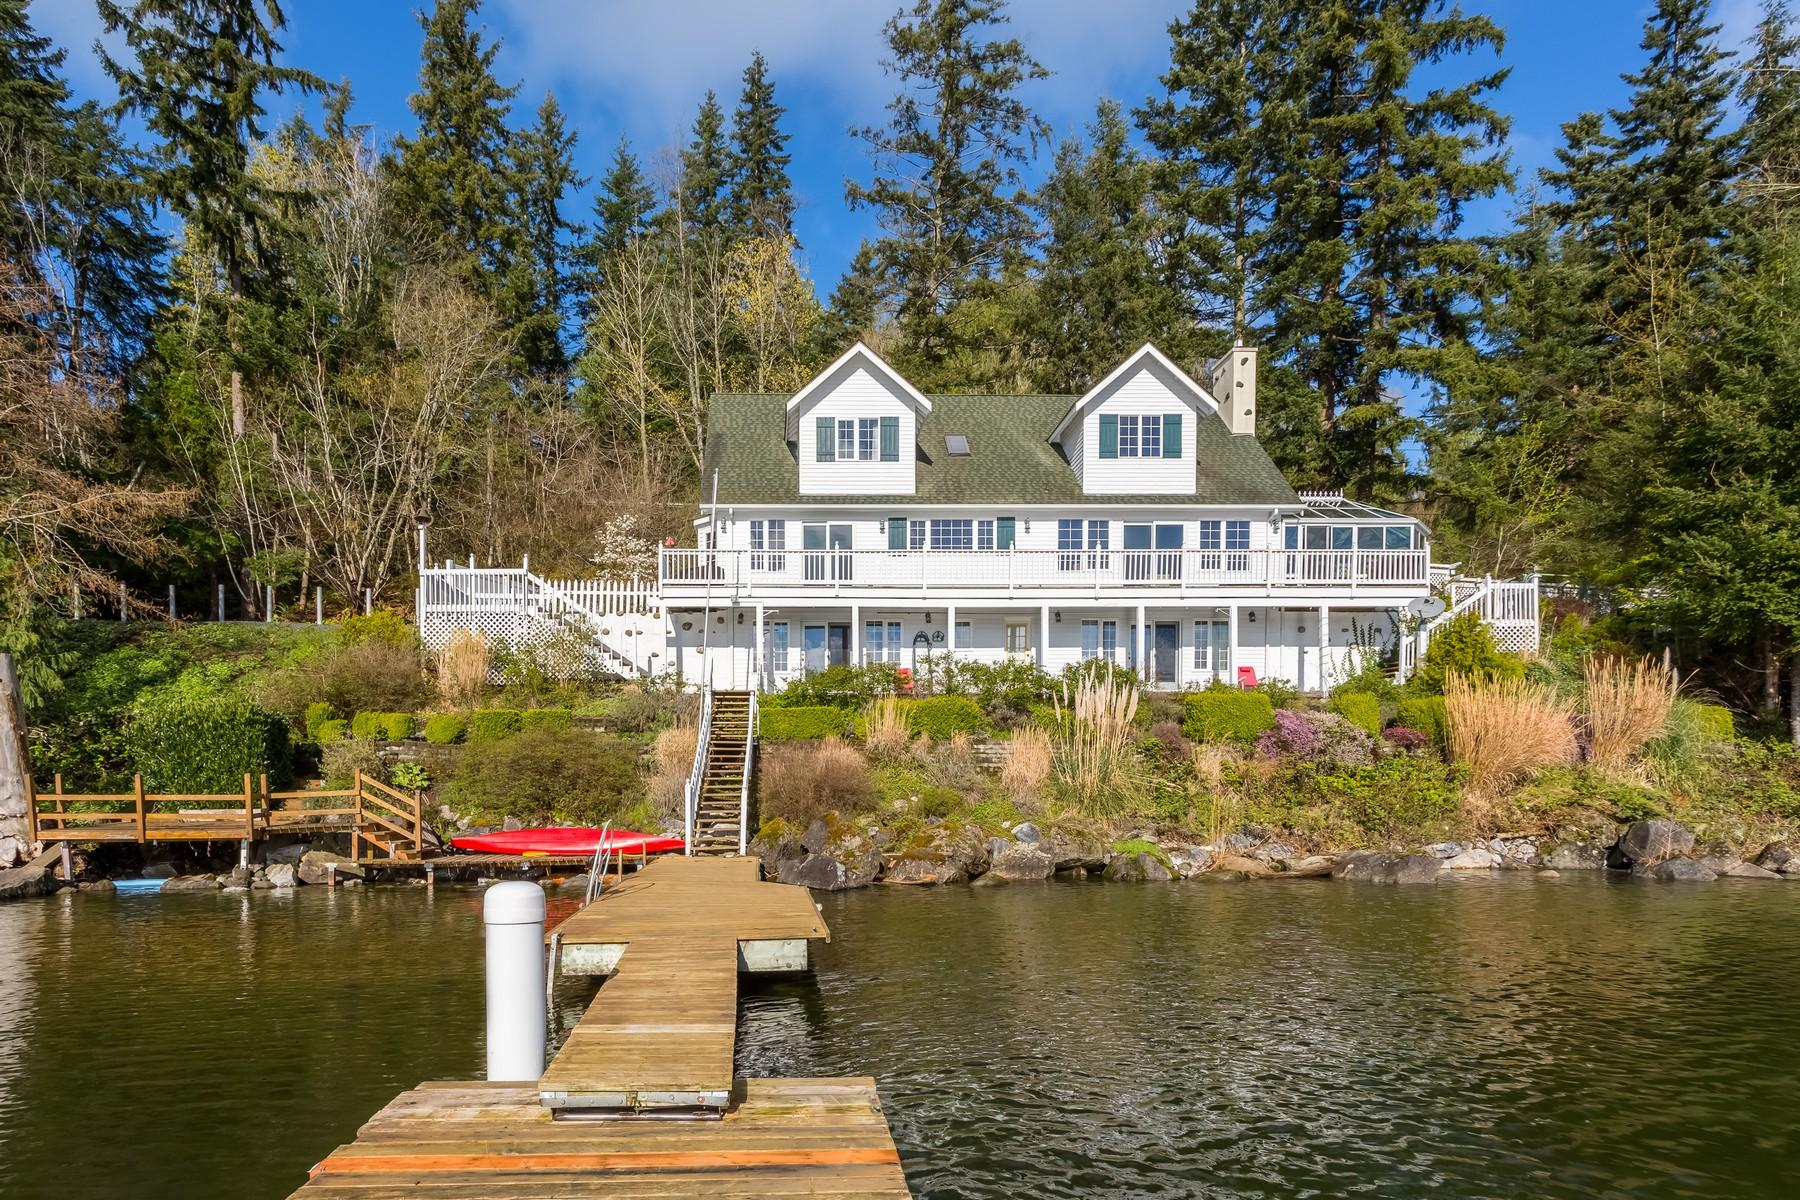 Maison unifamiliale pour l Vente à Bellingham Cape Cod 2327 Northshore Rd Bellingham, Washington, 98226 États-Unis